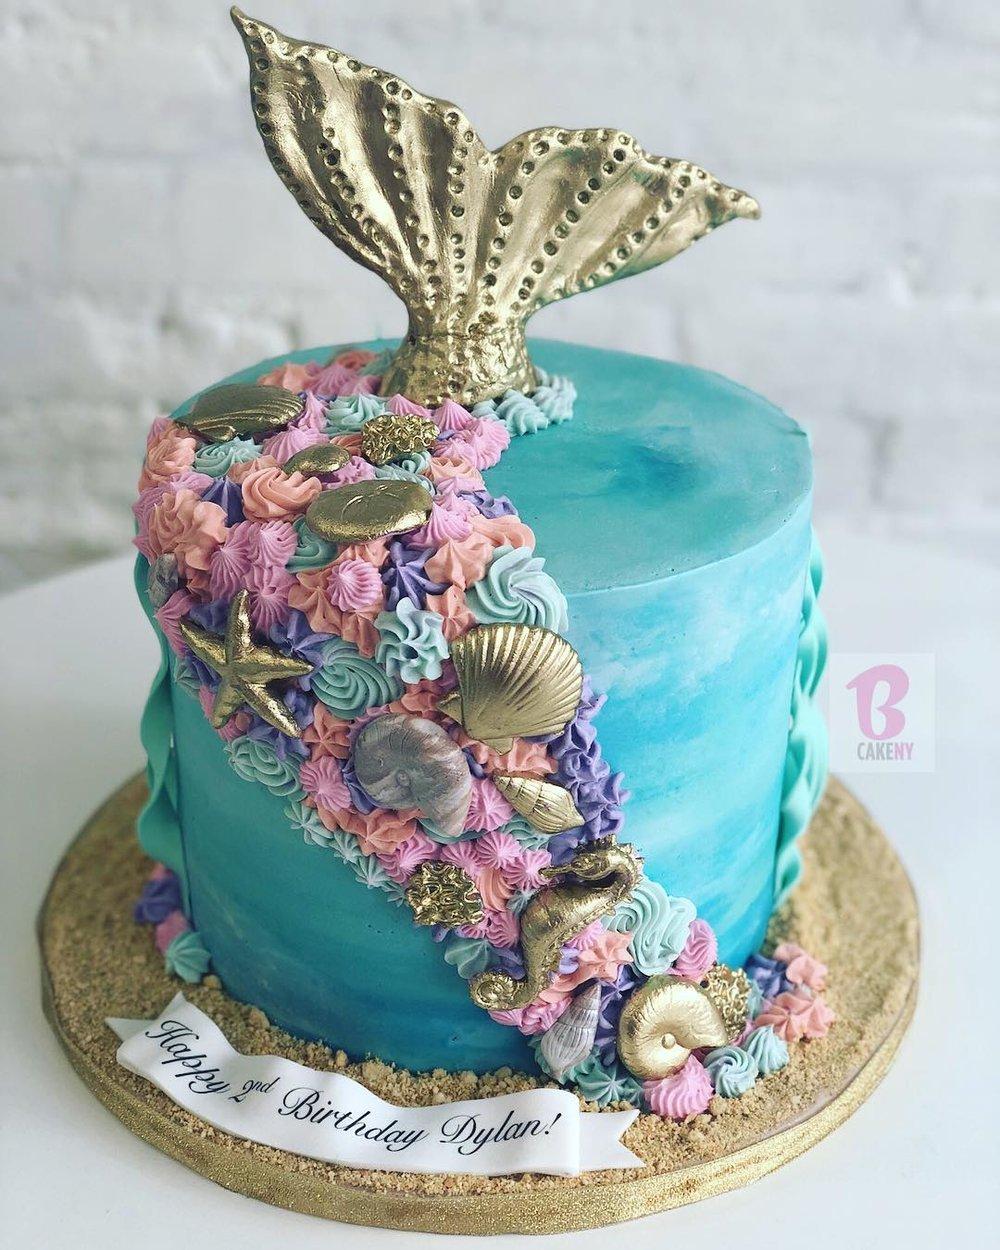 mermaid theme cake 1 tier